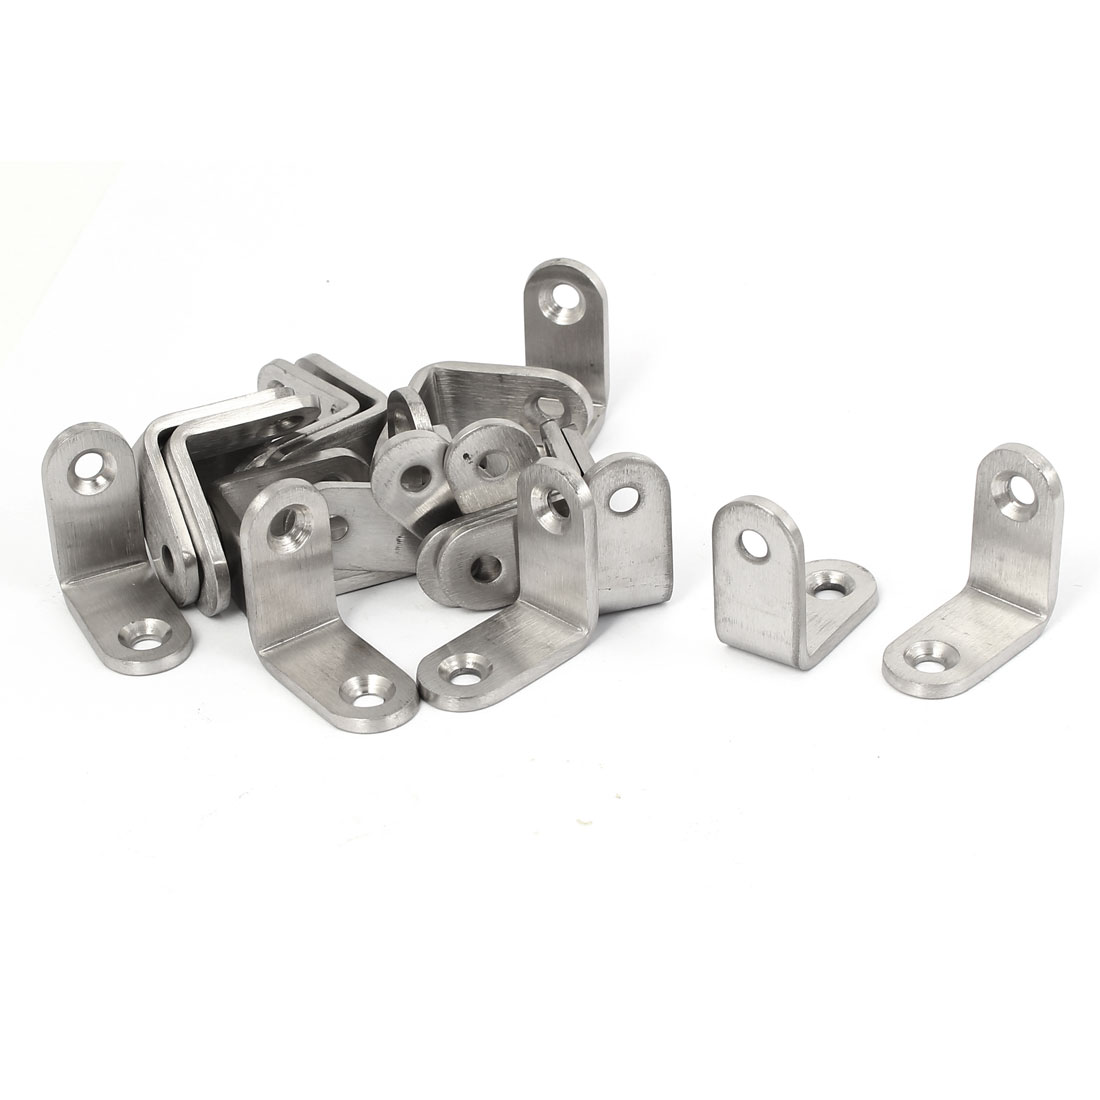 30mmx30mmx3mm L Shape Shelf Bracket Support Angle Brace 20pcs